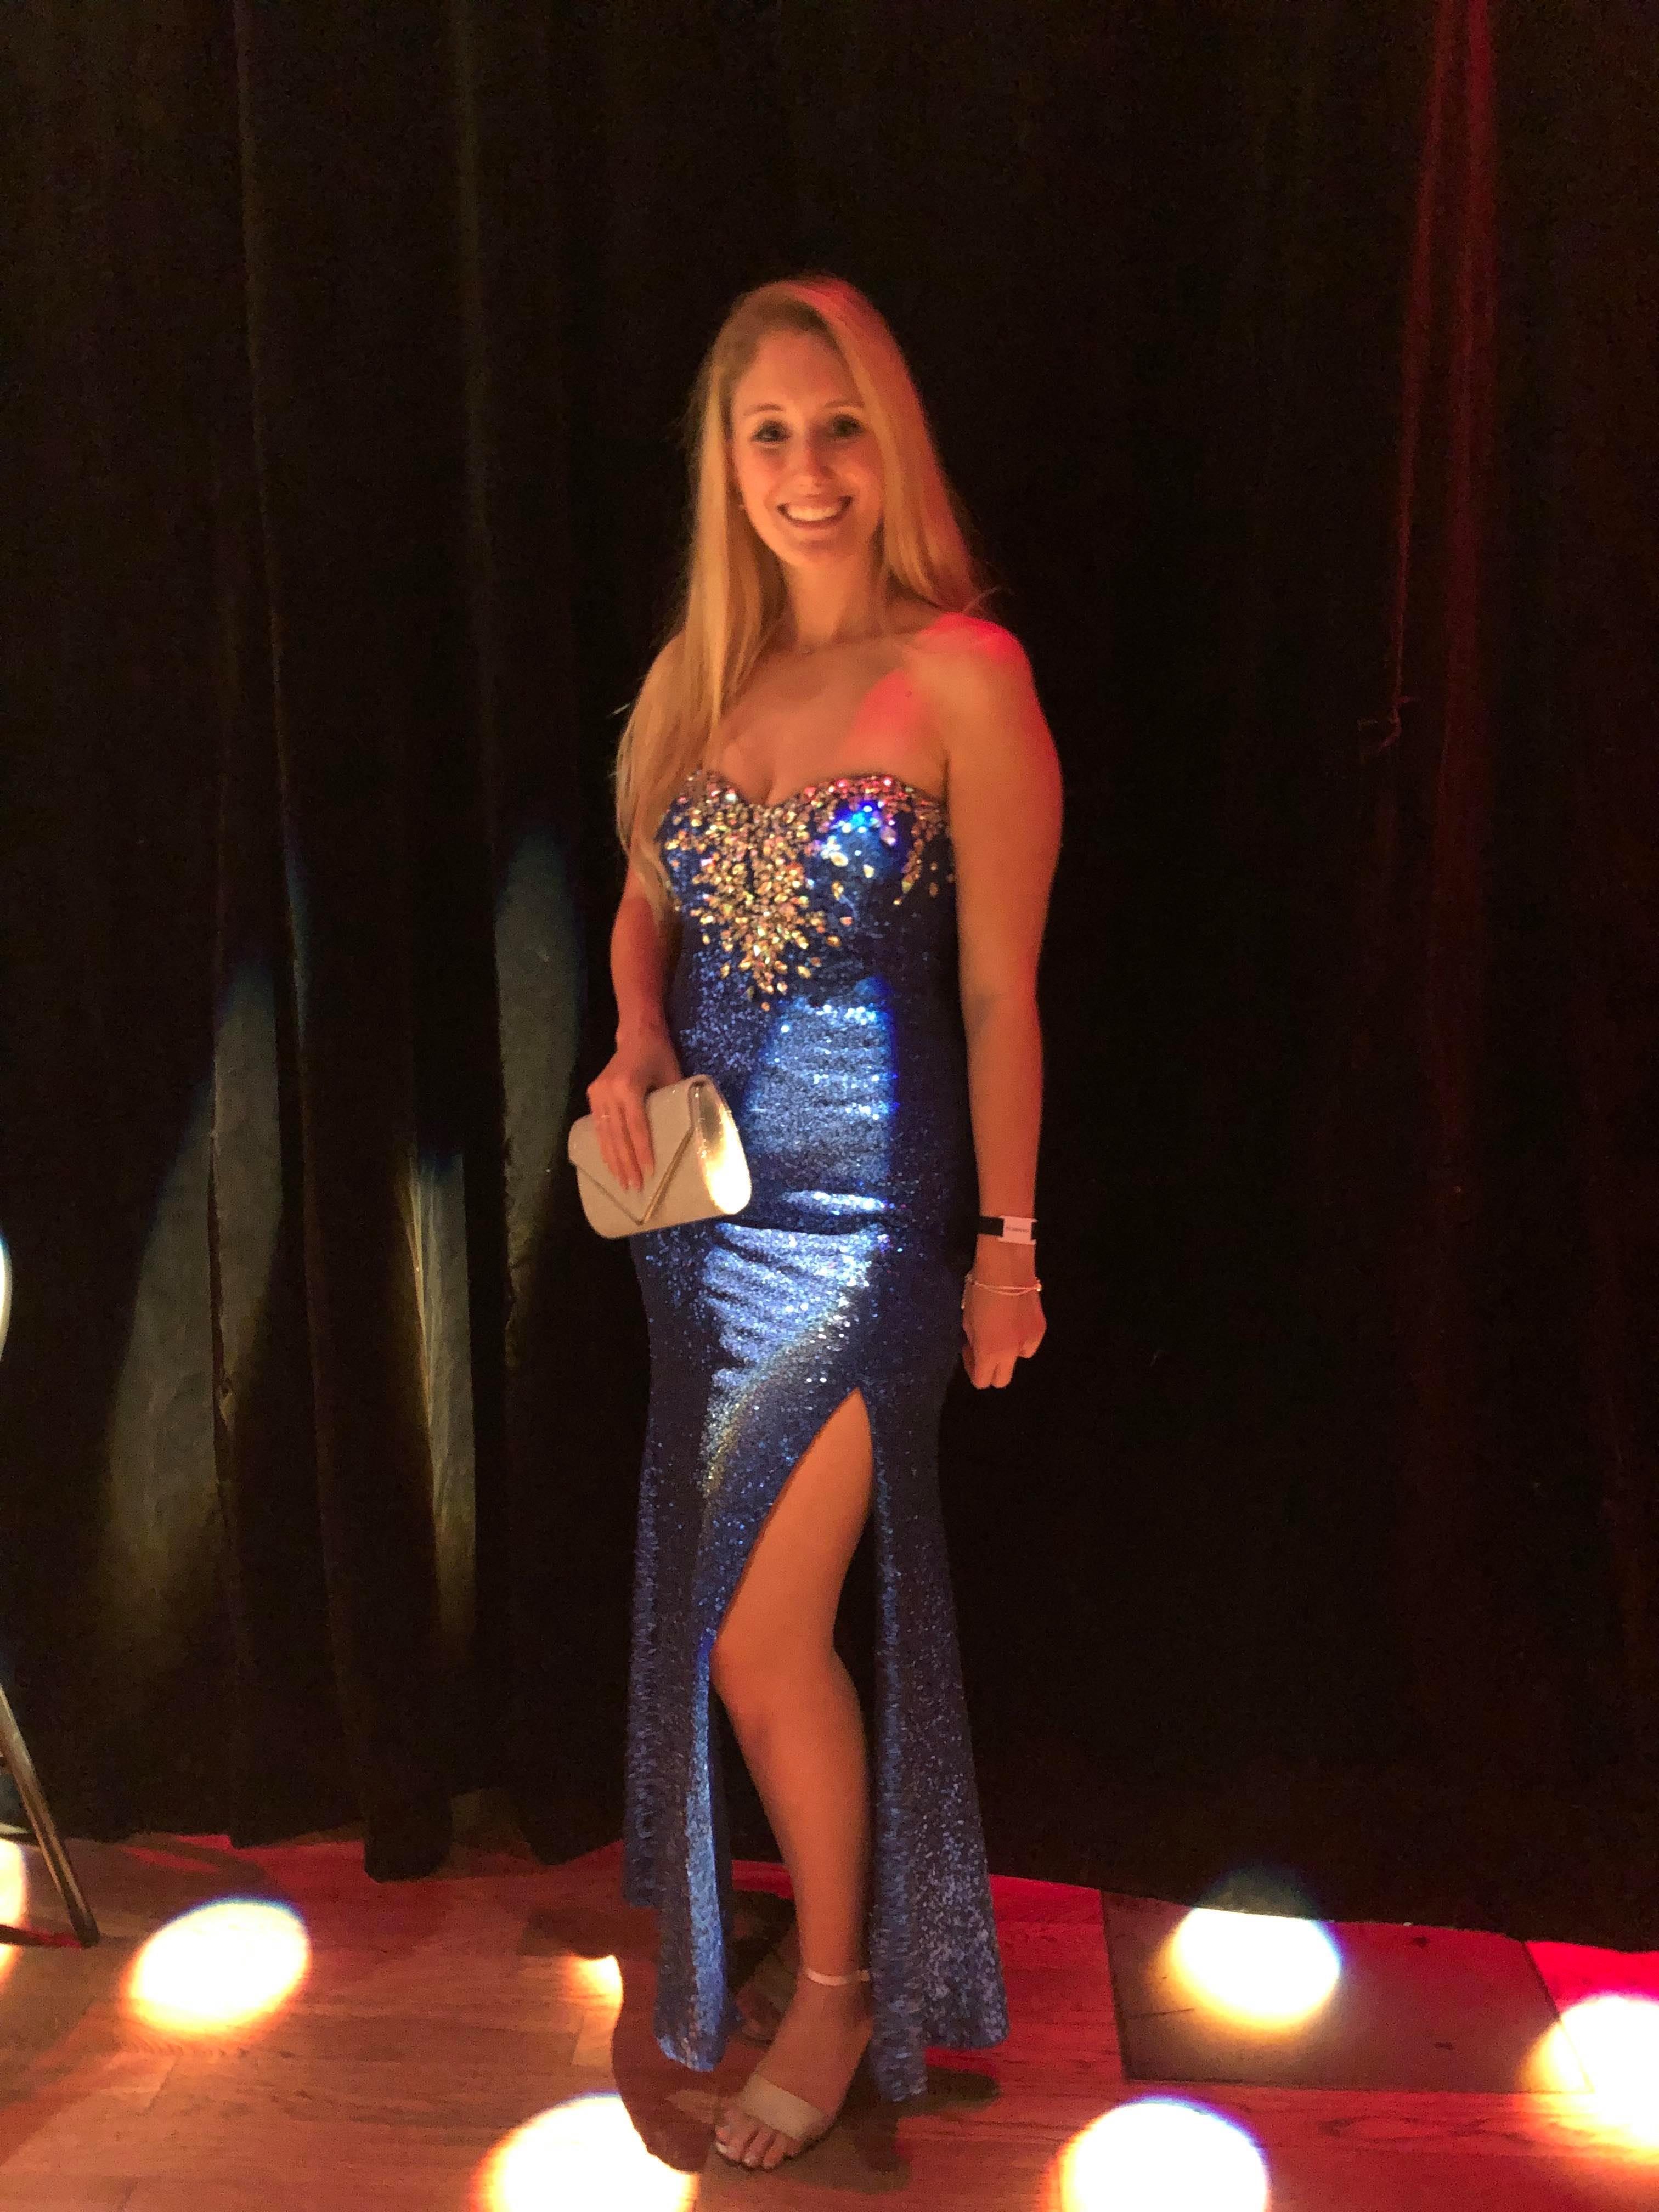 une jeune avec une magnifique robe bleu de bal